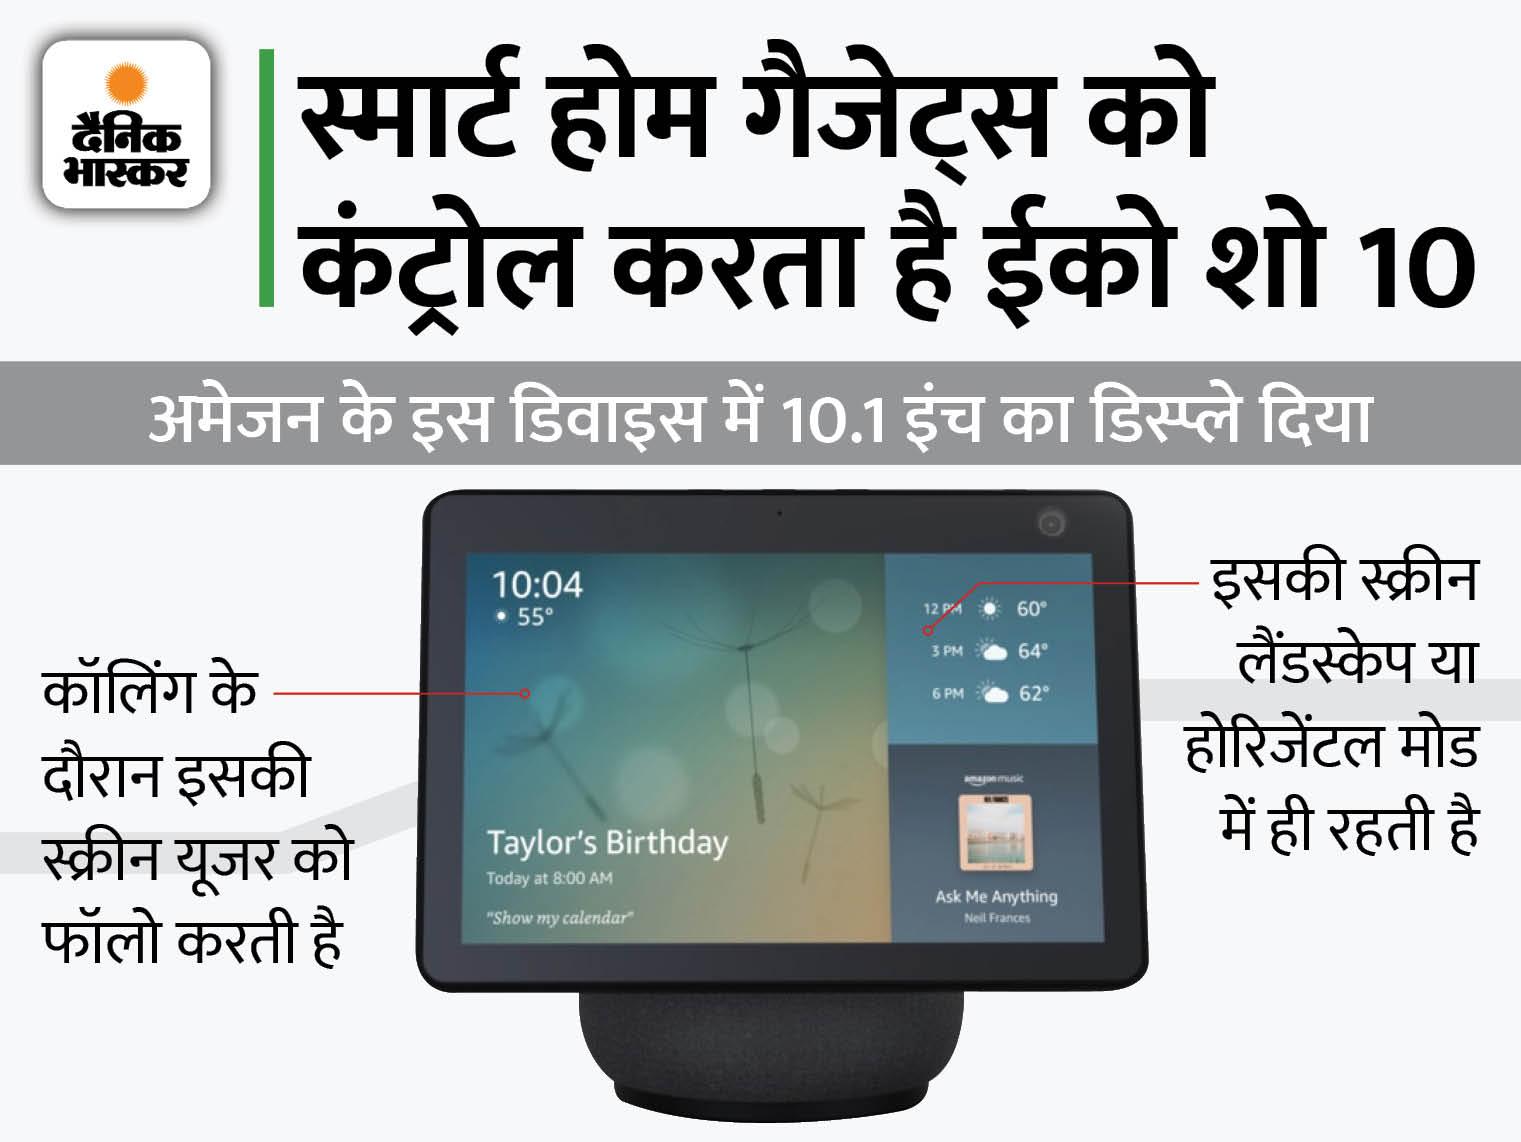 लाइफ को स्मार्ट और आसान बनाता है अमेजन ईको शो 10, लेकिन इसे खरीदें या नहीं? इसकी खूबियों और कमियों के साथ समझें टेक & ऑटो,Tech & Auto - Dainik Bhaskar